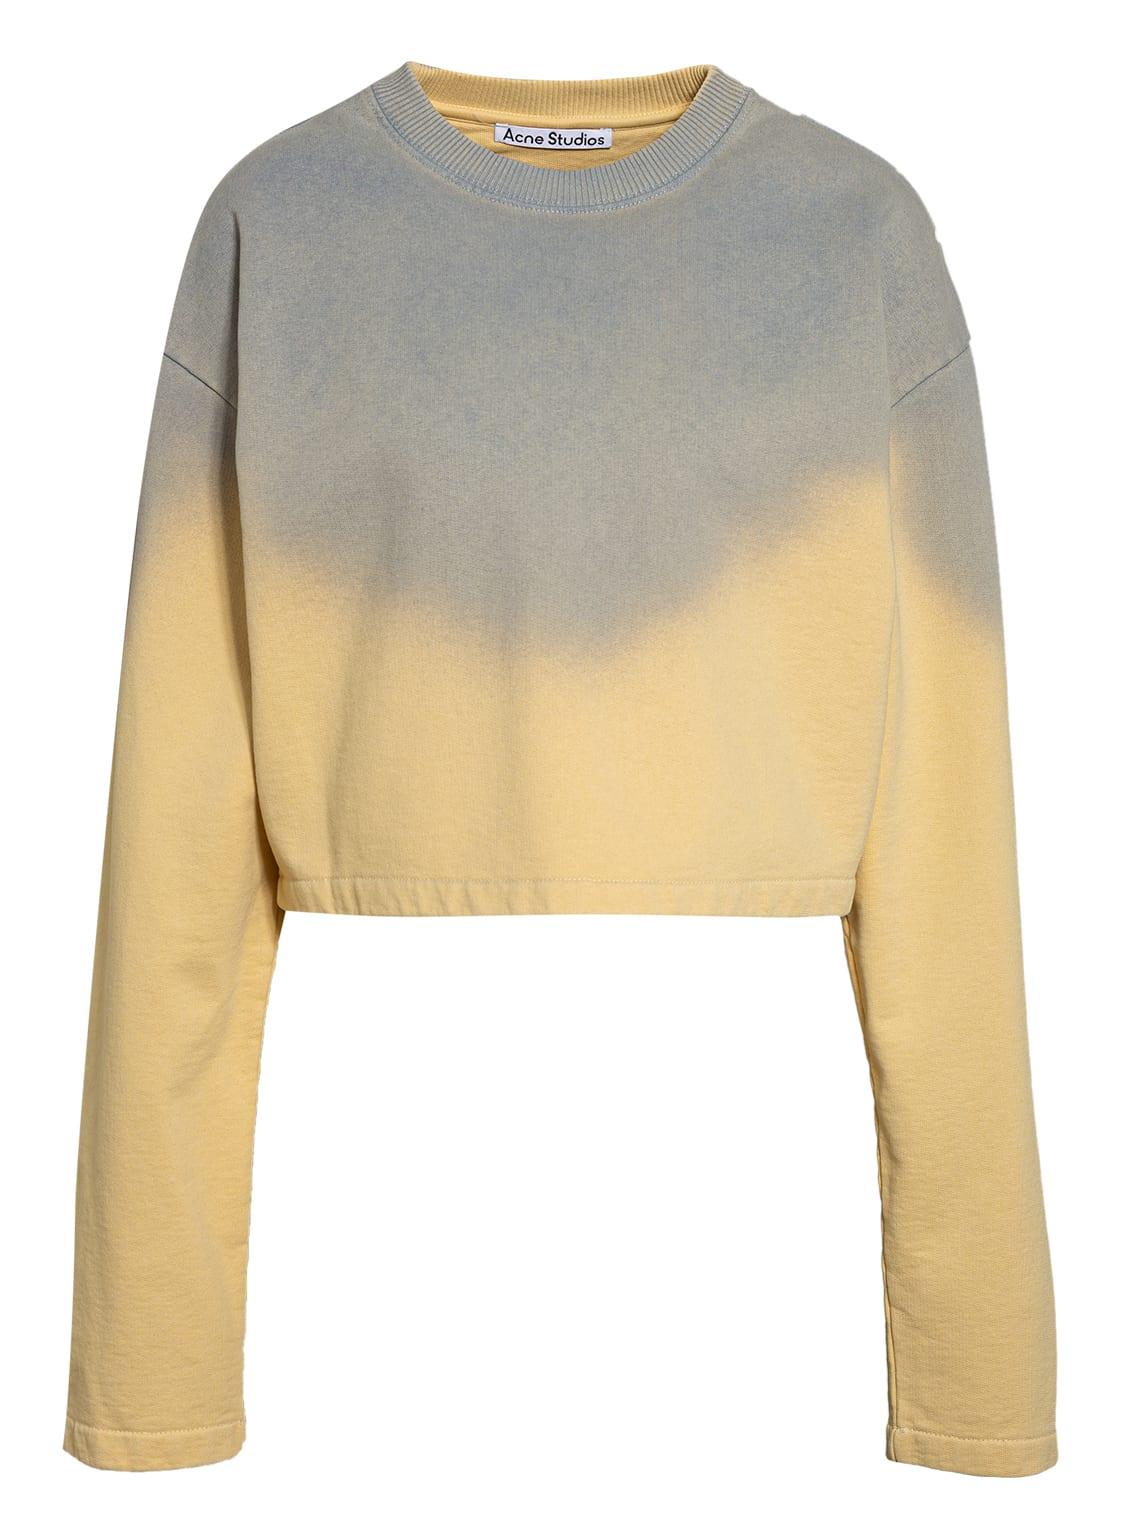 Image of Acne Studios Cropped-Sweatshirt gelb